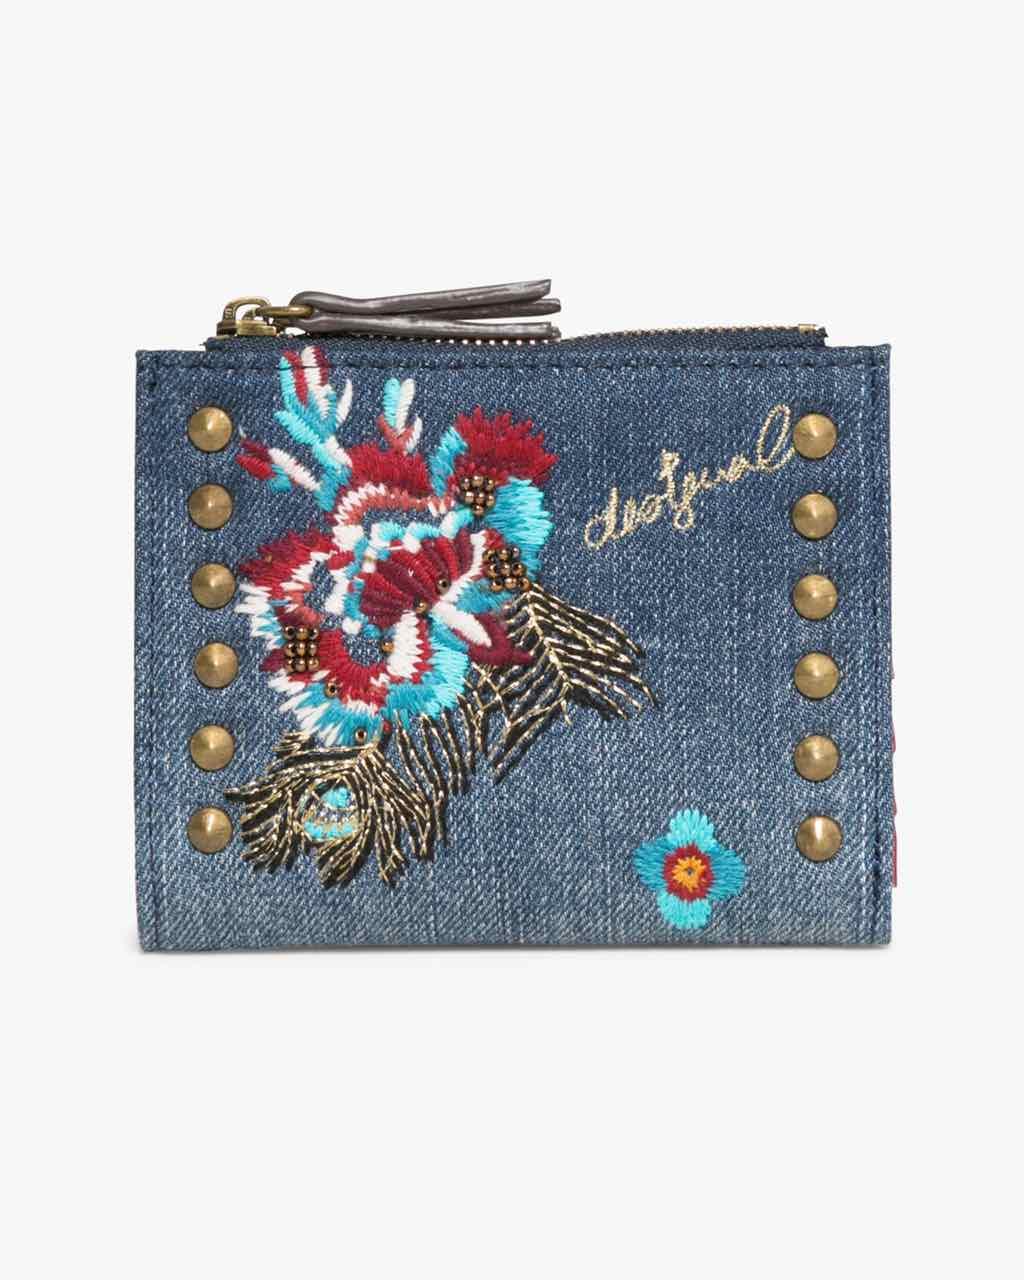 17WAYDDM_5006 Desigual Wallet Two Zips Jade Buy Online